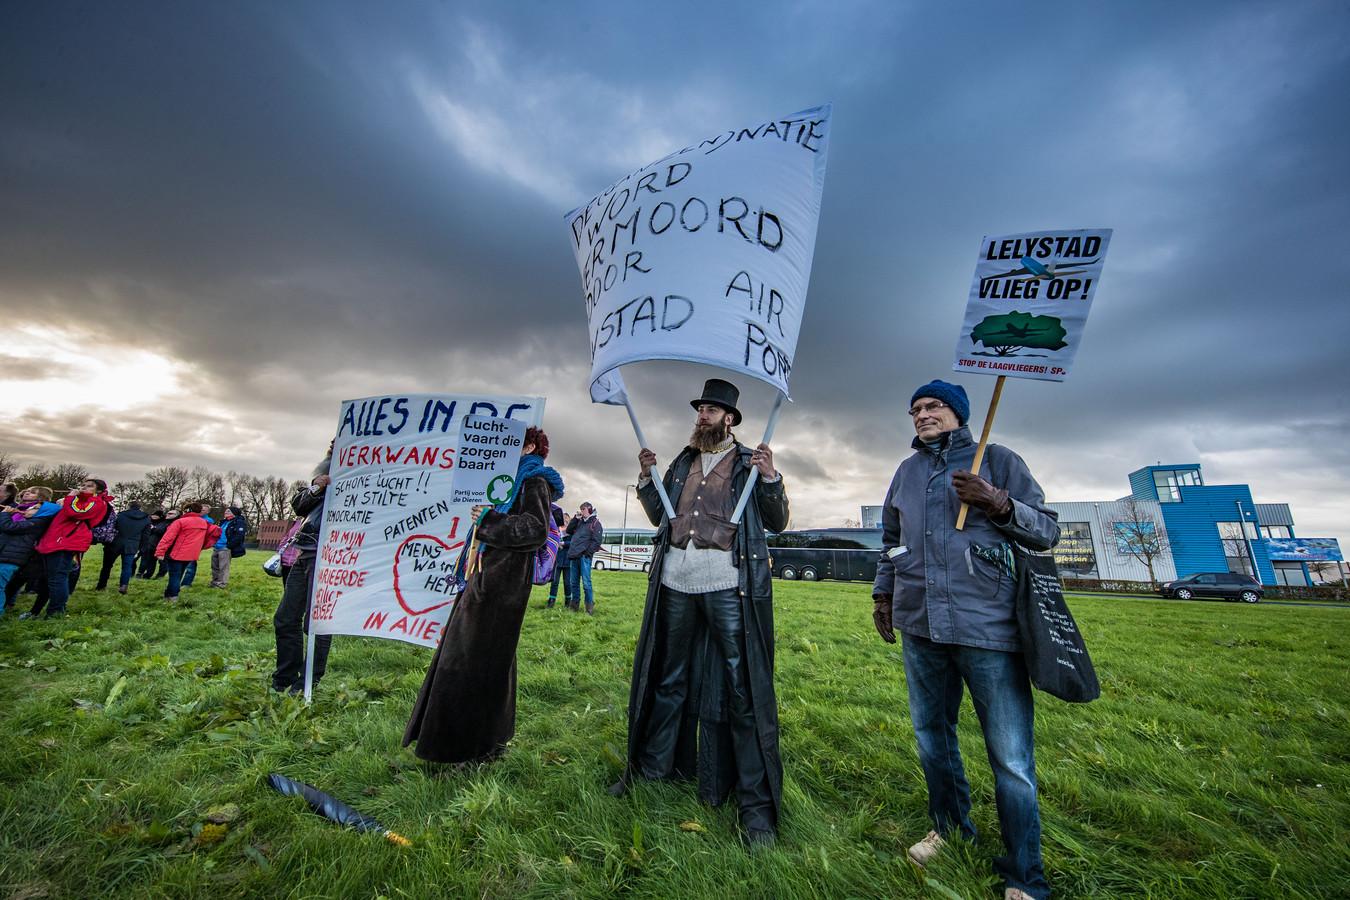 Honderden mensen protesteren tegen uitbreiding en de laagvliegroutes van Lelystad Airport.